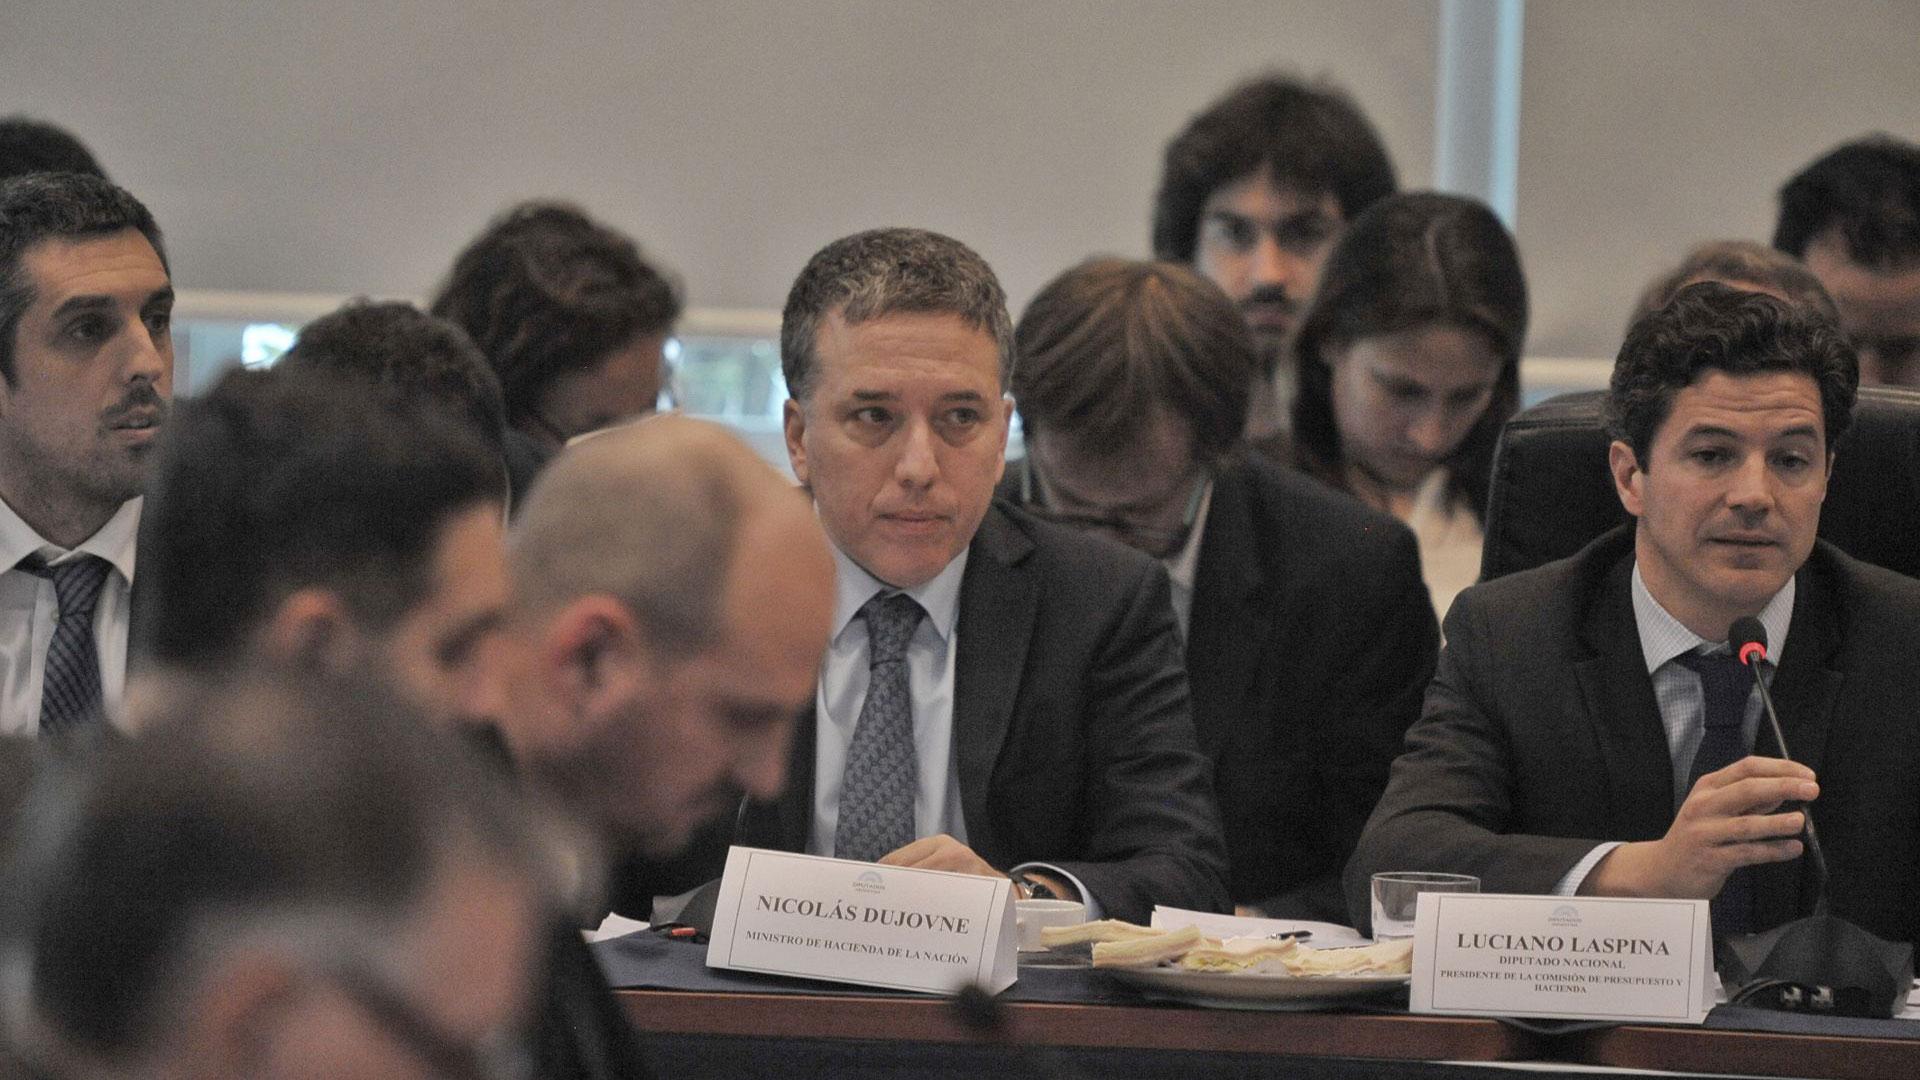 Dujovne en la comisión de Presupuesto y haciendo de Diputados (Patricio Murphy)